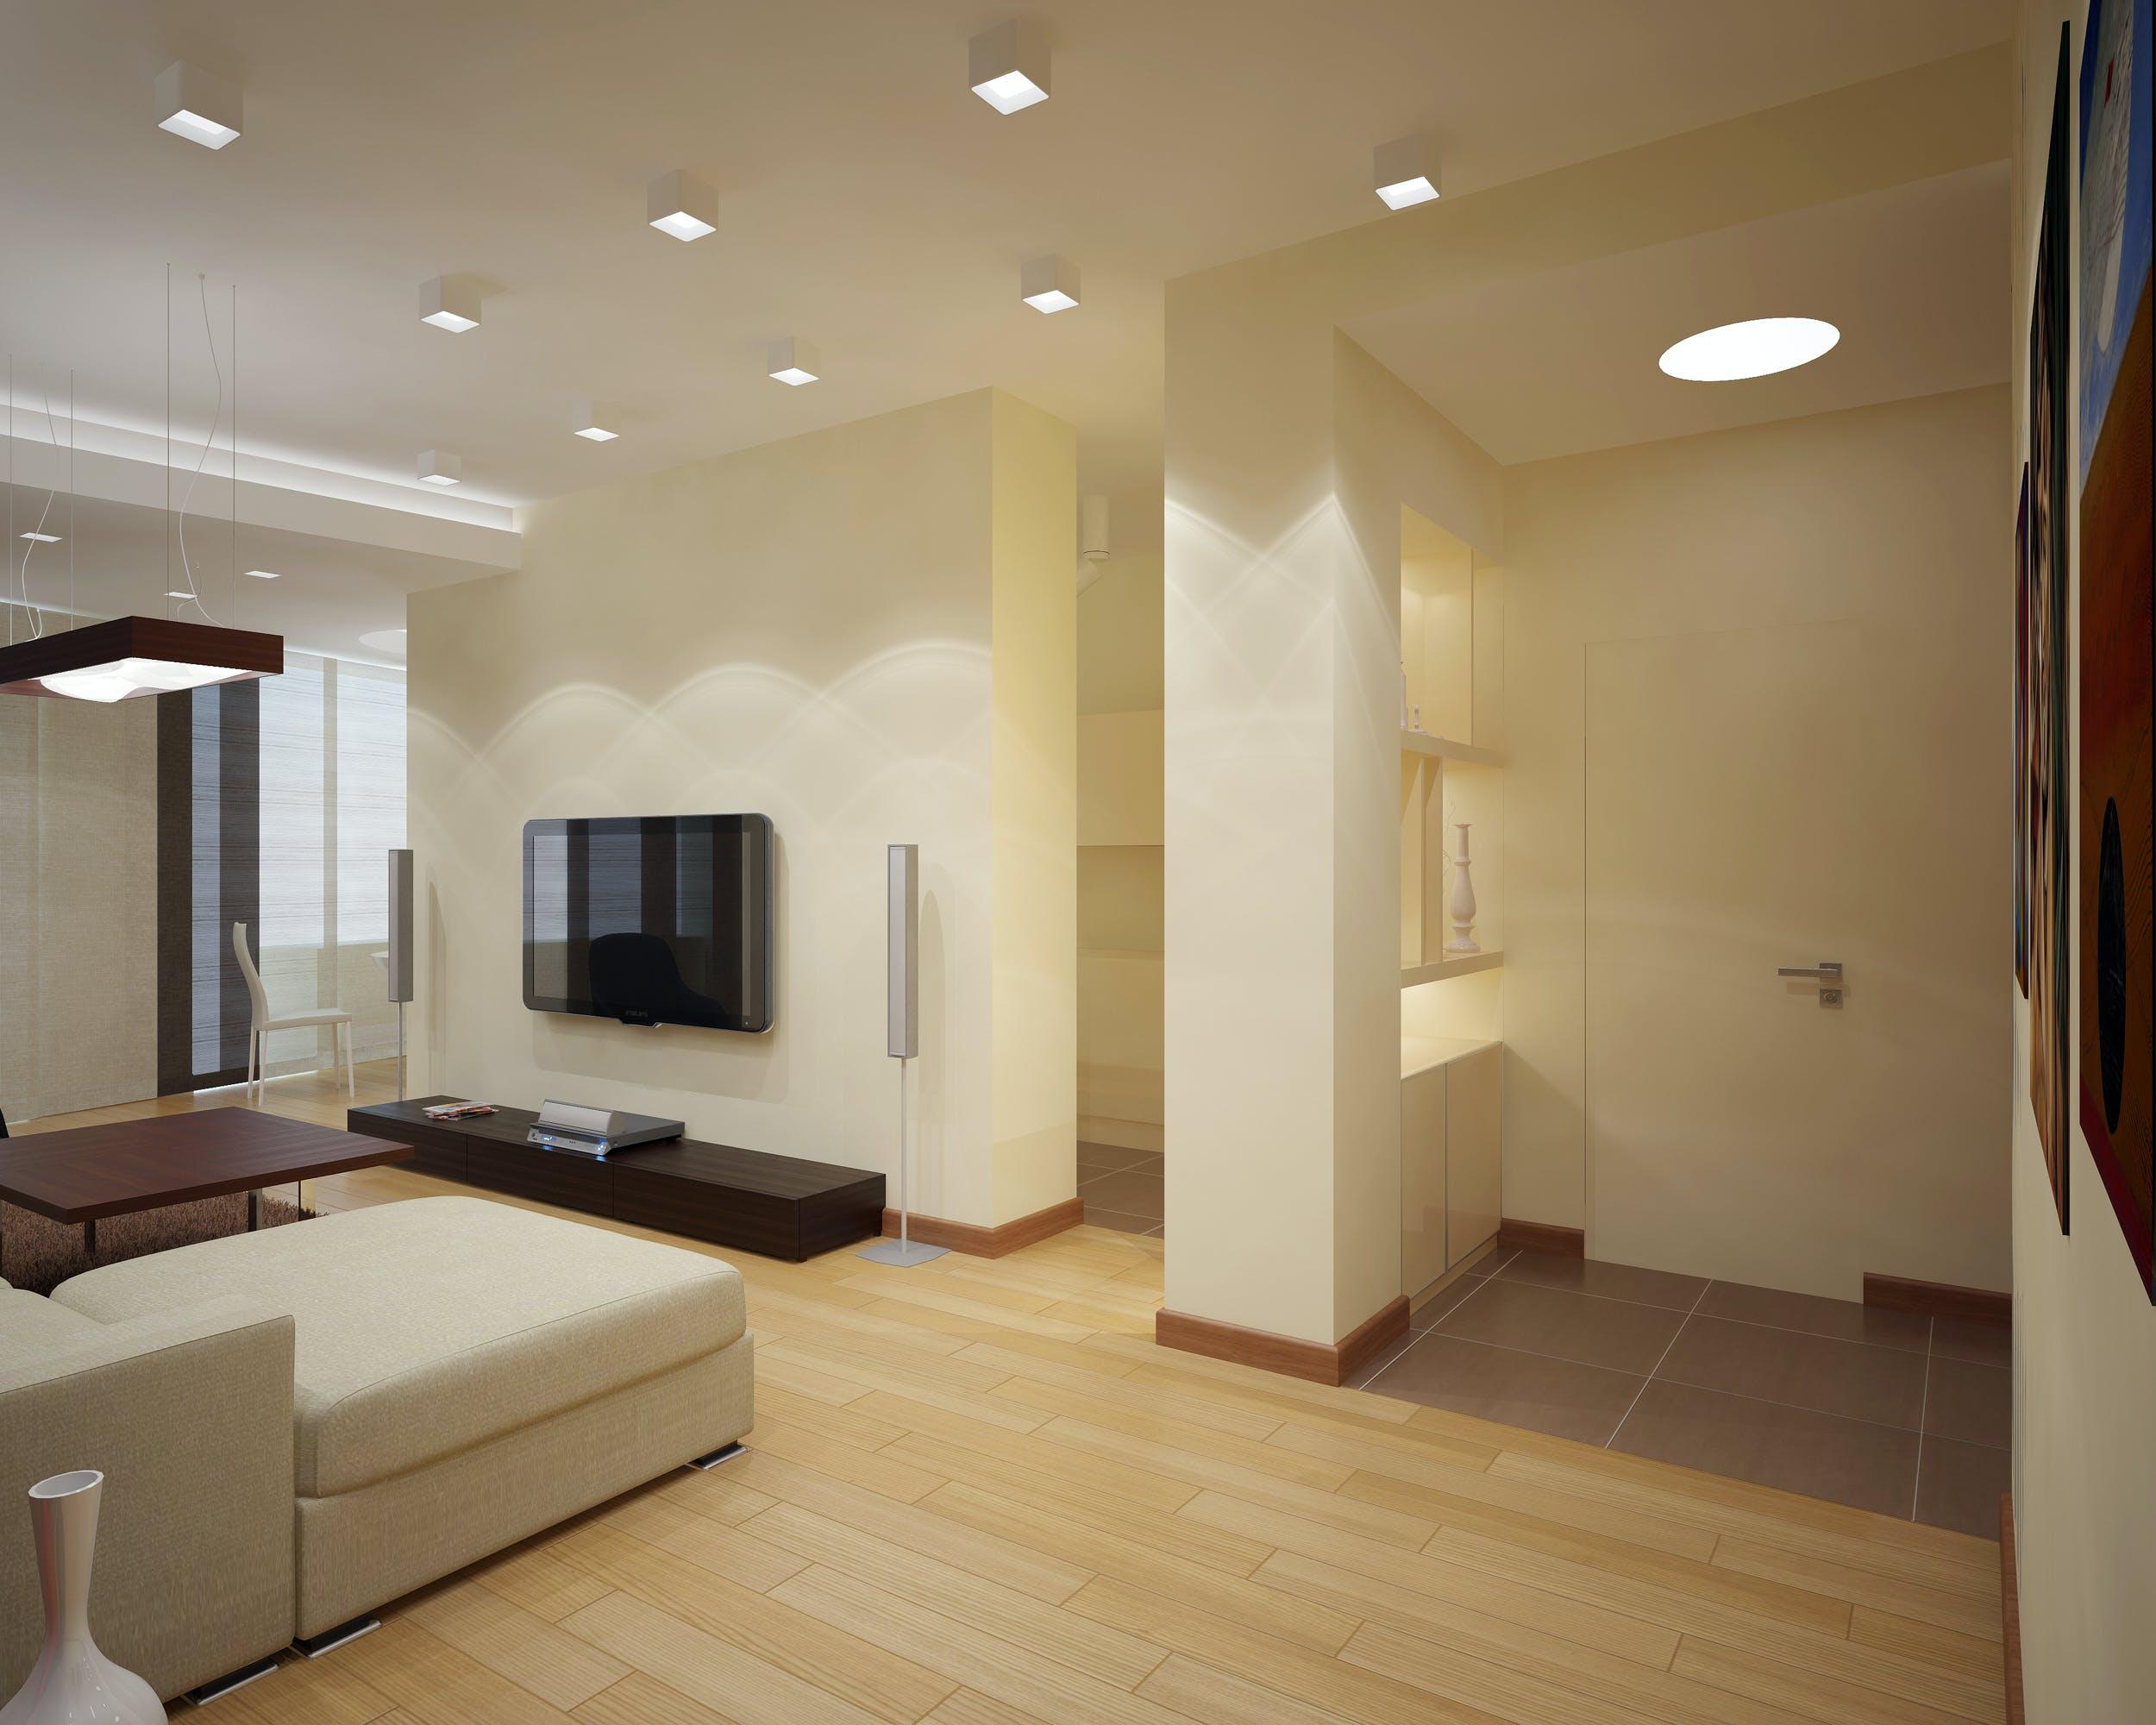 Bedroom Furniture Yerevan